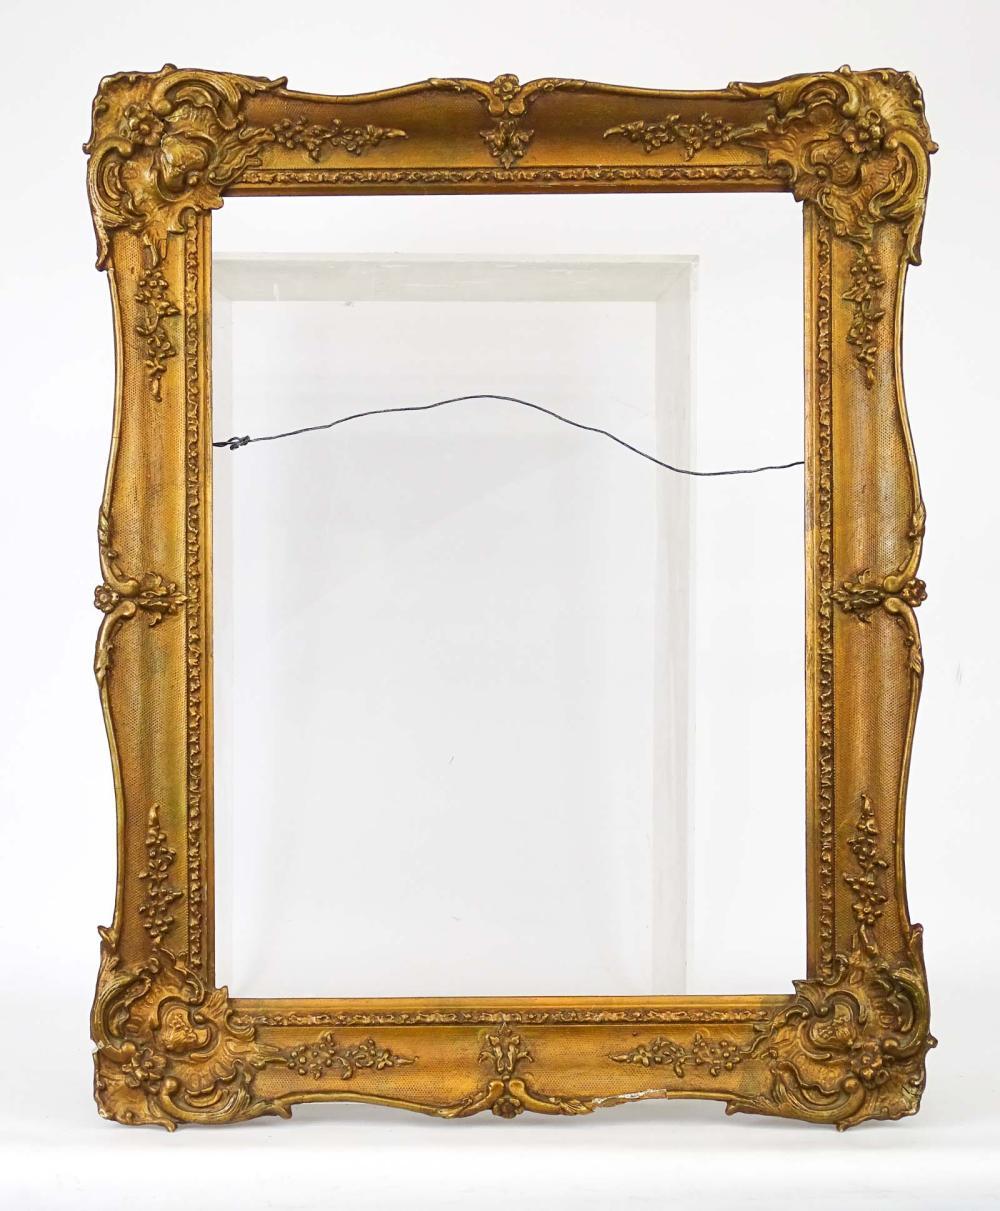 C. 1840 Gilded Plasterwork Frame